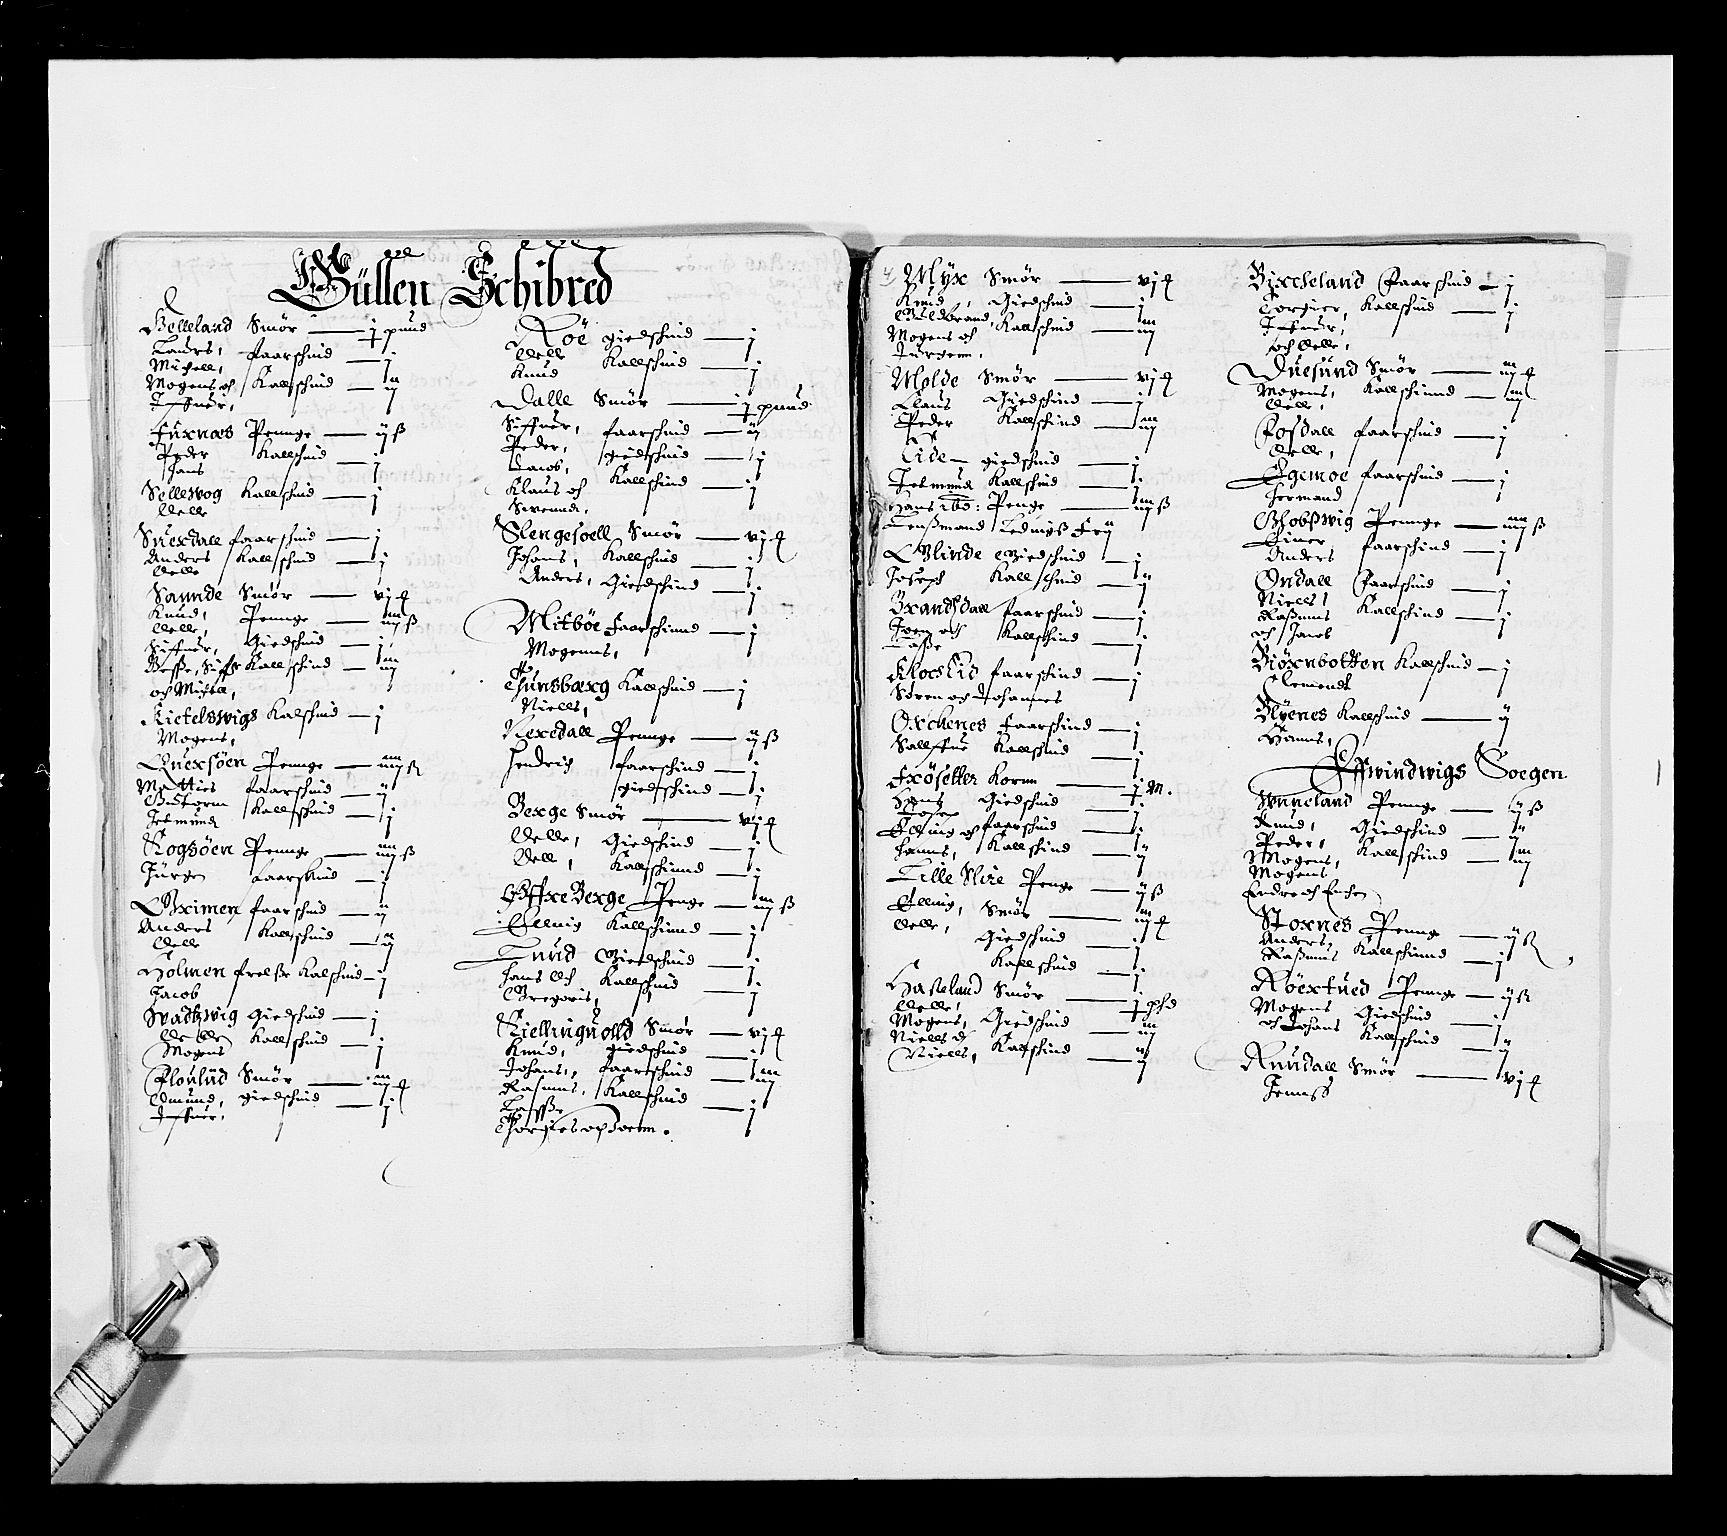 RA, Stattholderembetet 1572-1771, Ek/L0025: Jordebøker 1633-1658:, 1645-1646, s. 94